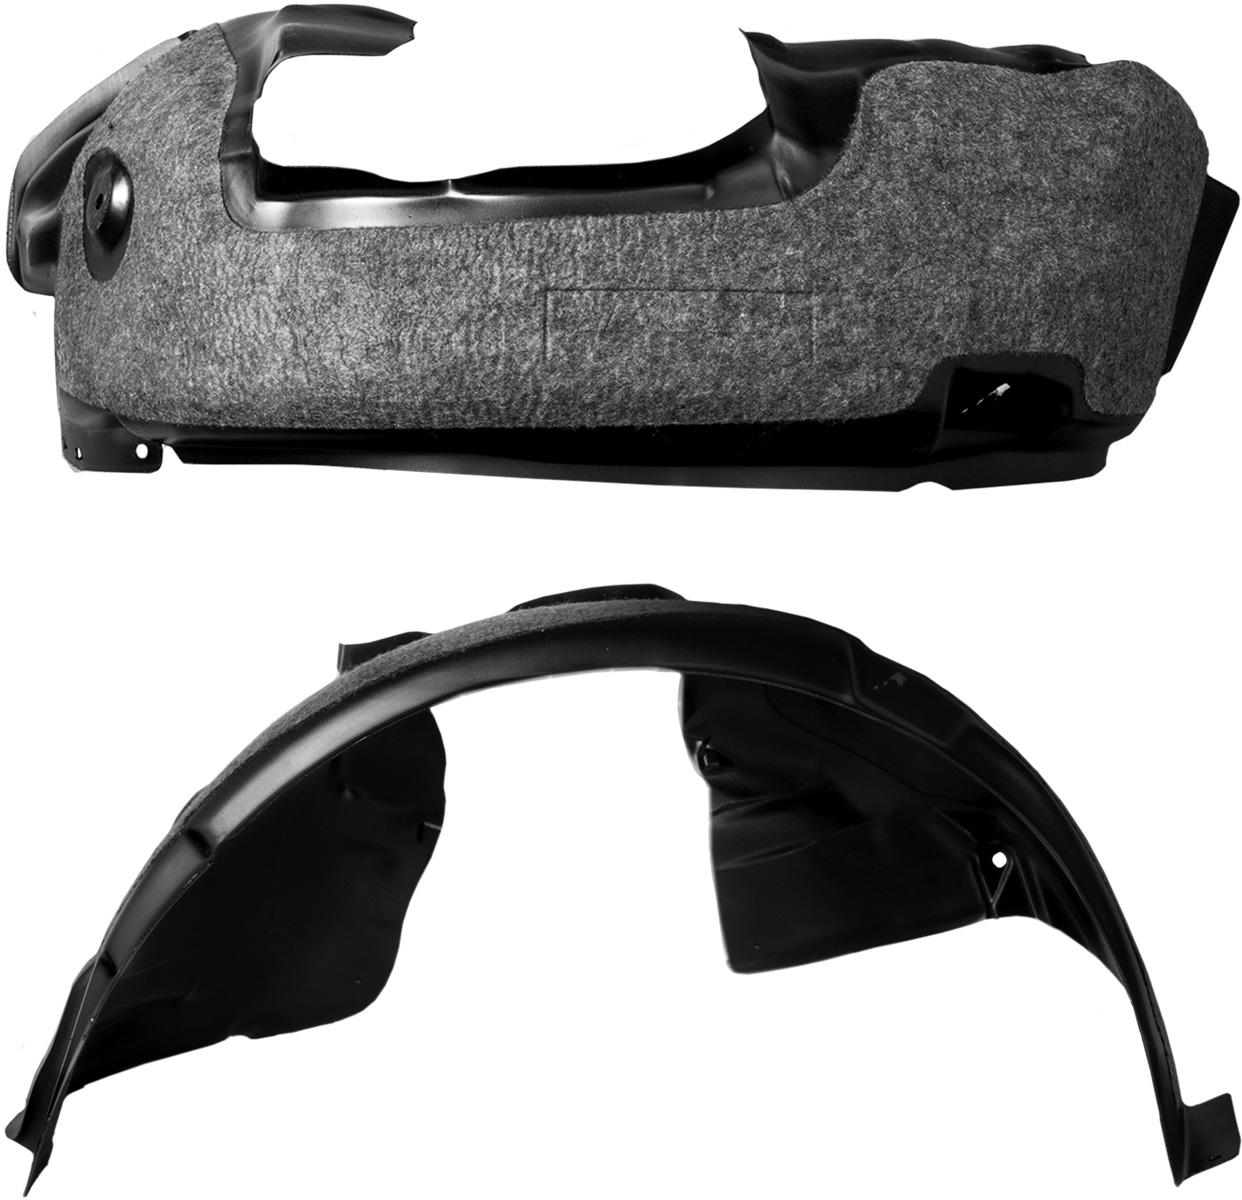 Подкрылок с шумоизоляцией Novline-Autofamily, для Peugeot Boxer, 08/2014 ->, с расширителями арок (передний левый)NLS.38.25.001Подкрылок с шумоизоляцией - революционный продукт, совмещающий в себе все достоинства обычного подкрылка, и в то же время являющийся одним из наиболее эффективных средств борьбы с внешним шумом в салоне автомобиля. Подкрылки бренда Novline-Autofamily разрабатываются индивидуально для каждого автомобиля с использованием метода 3D-сканирования. В качестве шумоизолирующего слоя применяется легкое синтетическое нетканое полотно толщиной 10 мм, которое отталкивает влагу, сохраняет свои шумоизоляционные свойства на протяжении всего периода эксплуатации. Подкрылки с шумоизоляцией не имеют эксплуатационных ограничений и устанавливаются один раз на весь срок службы автомобиля. Подкрылки с шумоизоляцией не имеют аналогов и являются российским изобретением, получившим признание во всём мире. Уважаемые клиенты! Обращаем ваше внимание, фото может не полностью соответствовать оригиналу.